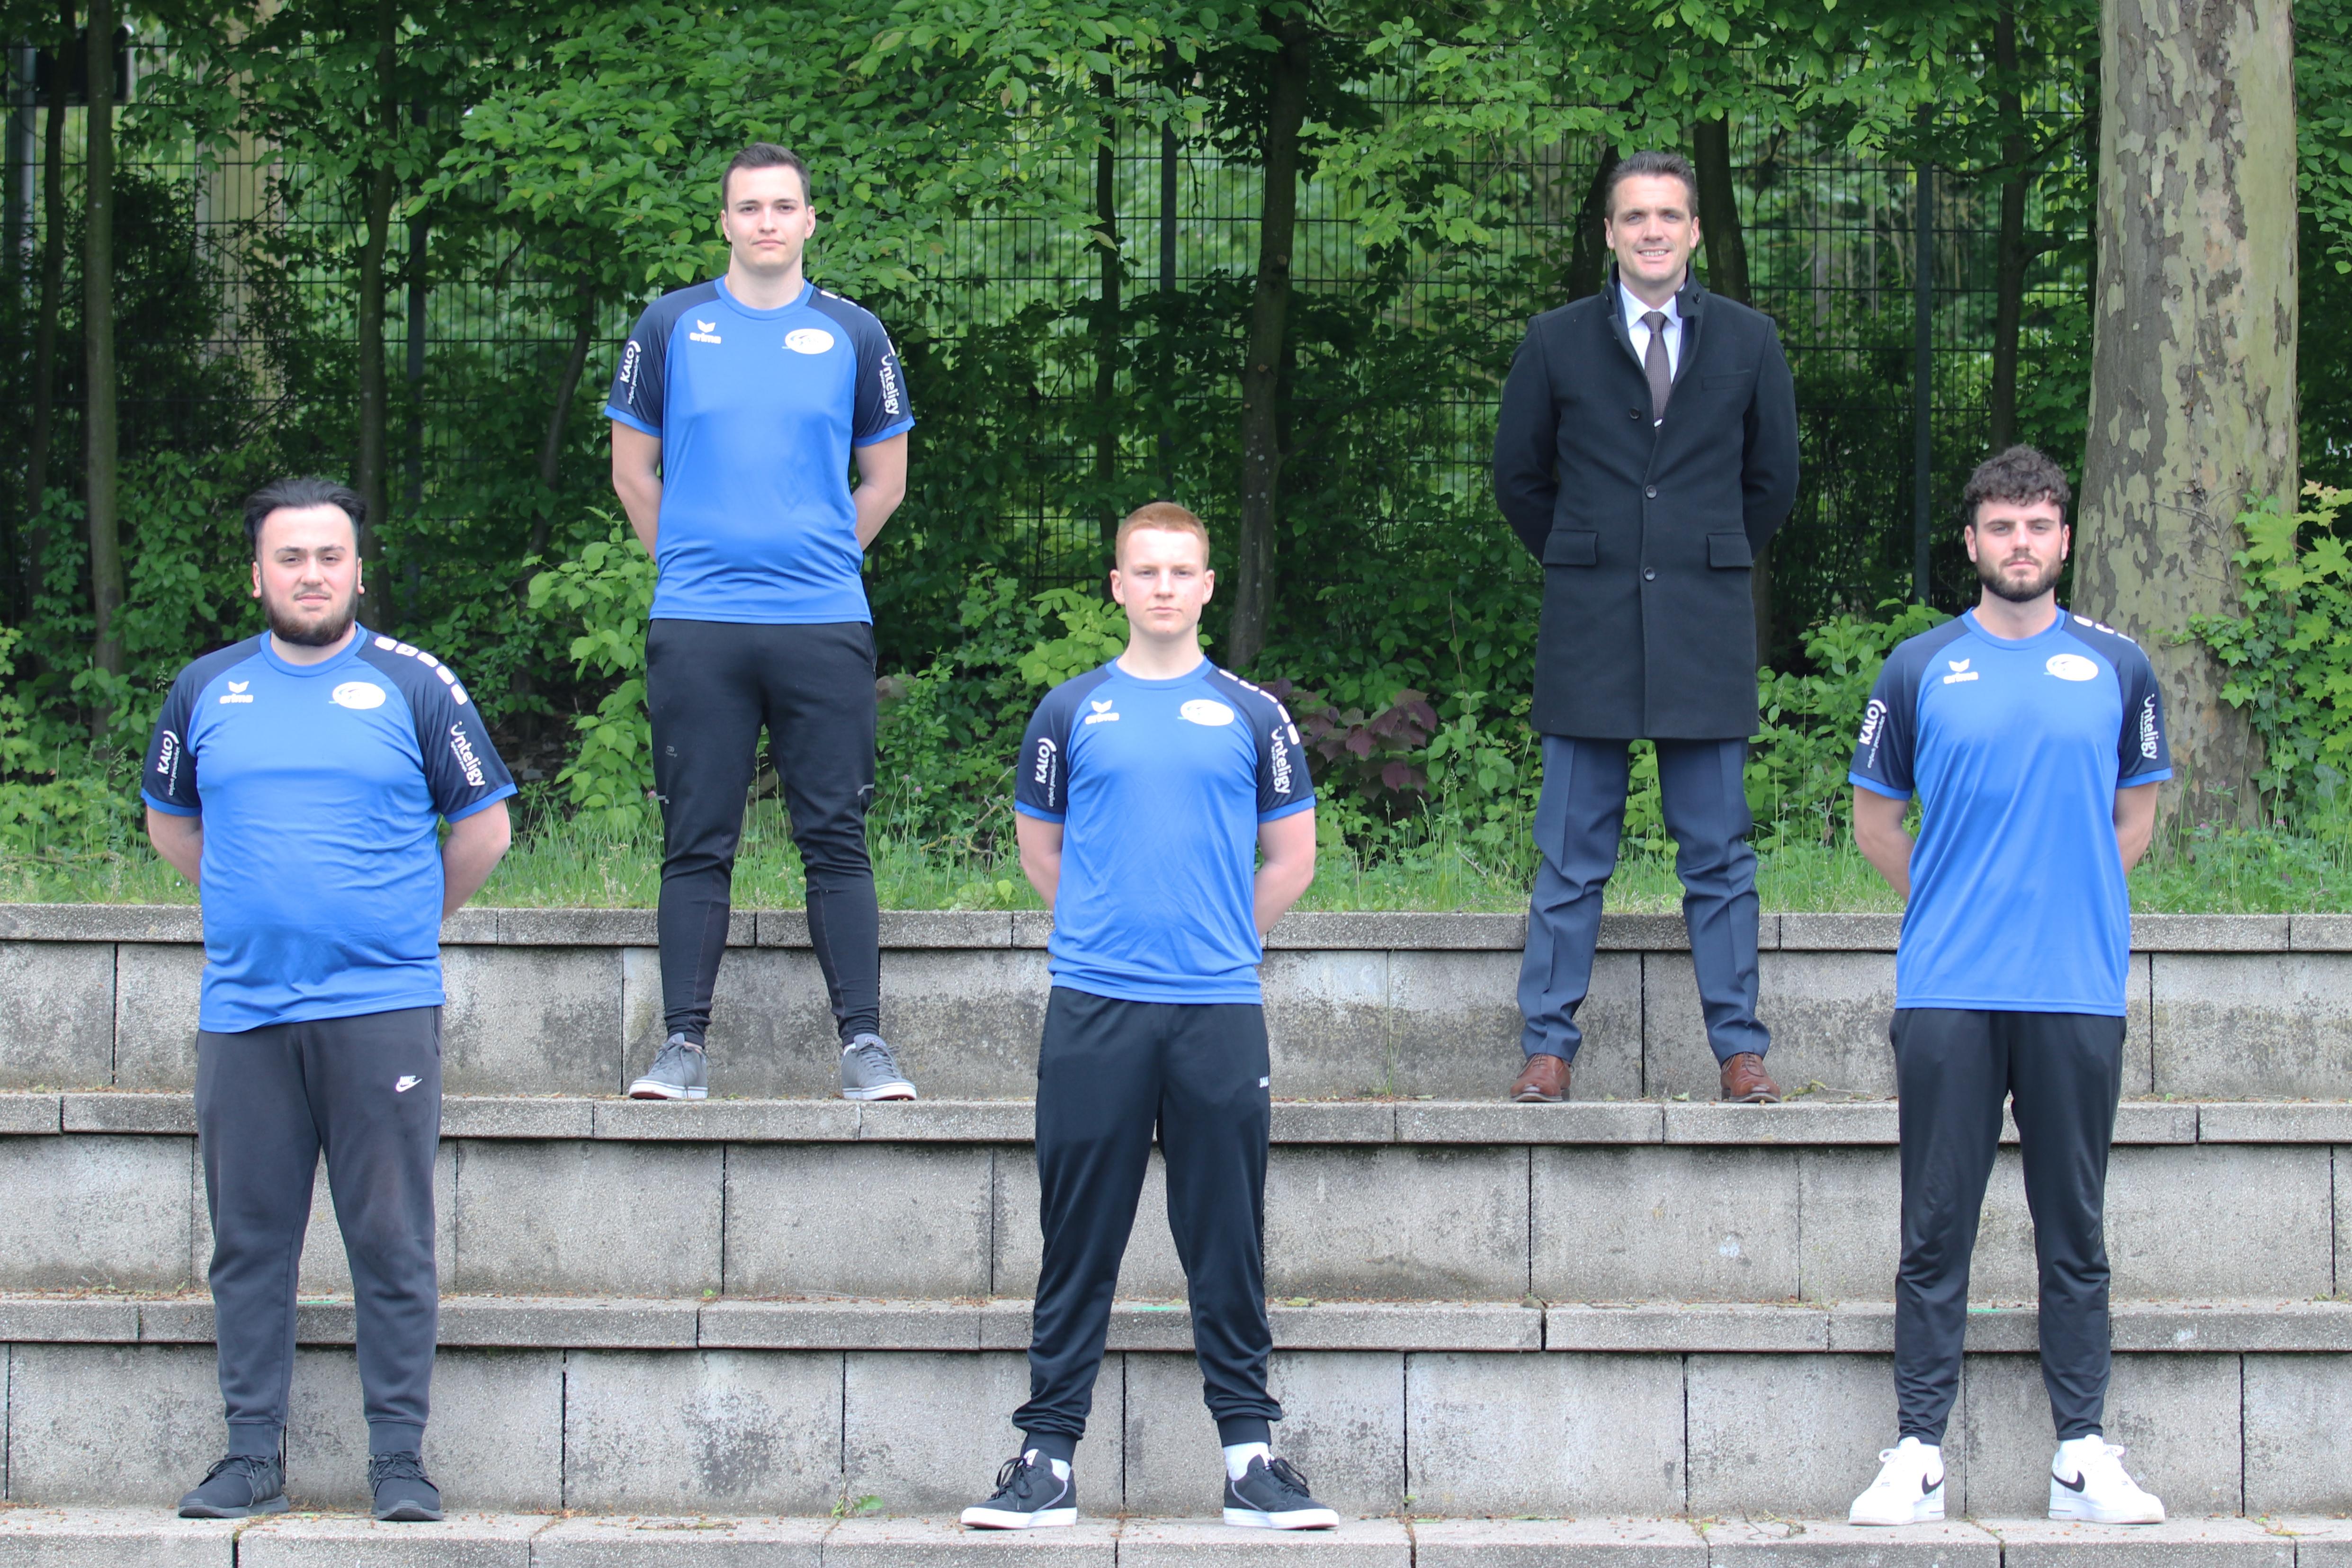 Mannschaft der Neckarsulmer Sport Union e.V.